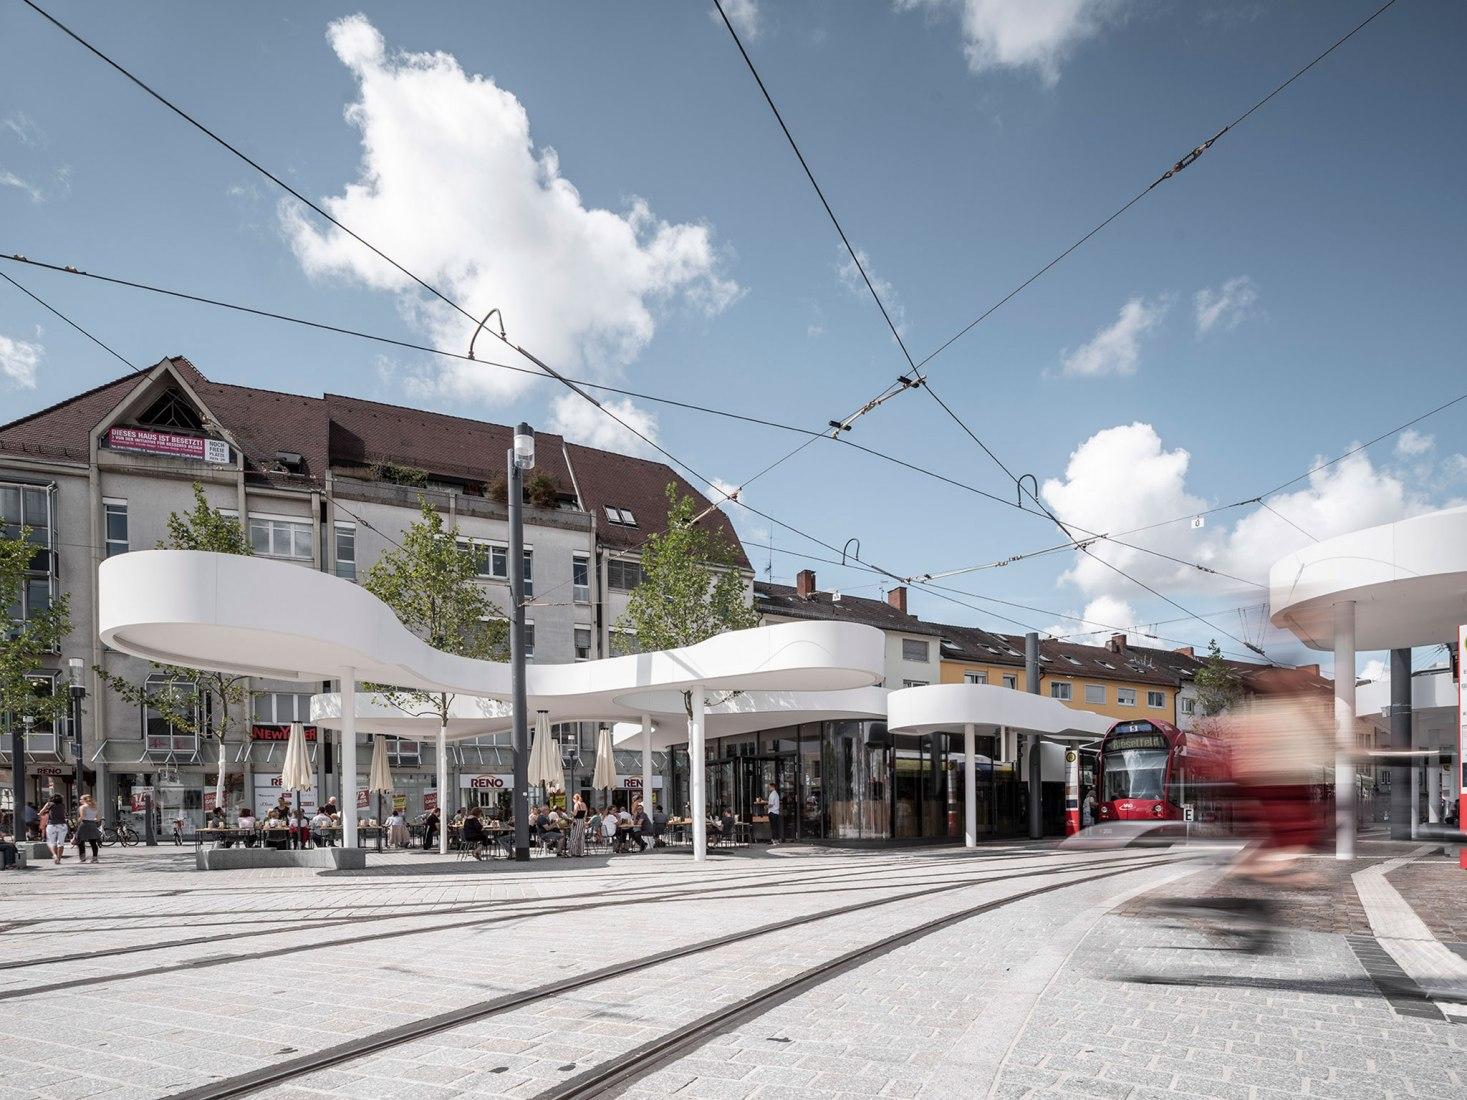 Pavilion on Europaplatz by J.MAYER H. Photograph by David Franck